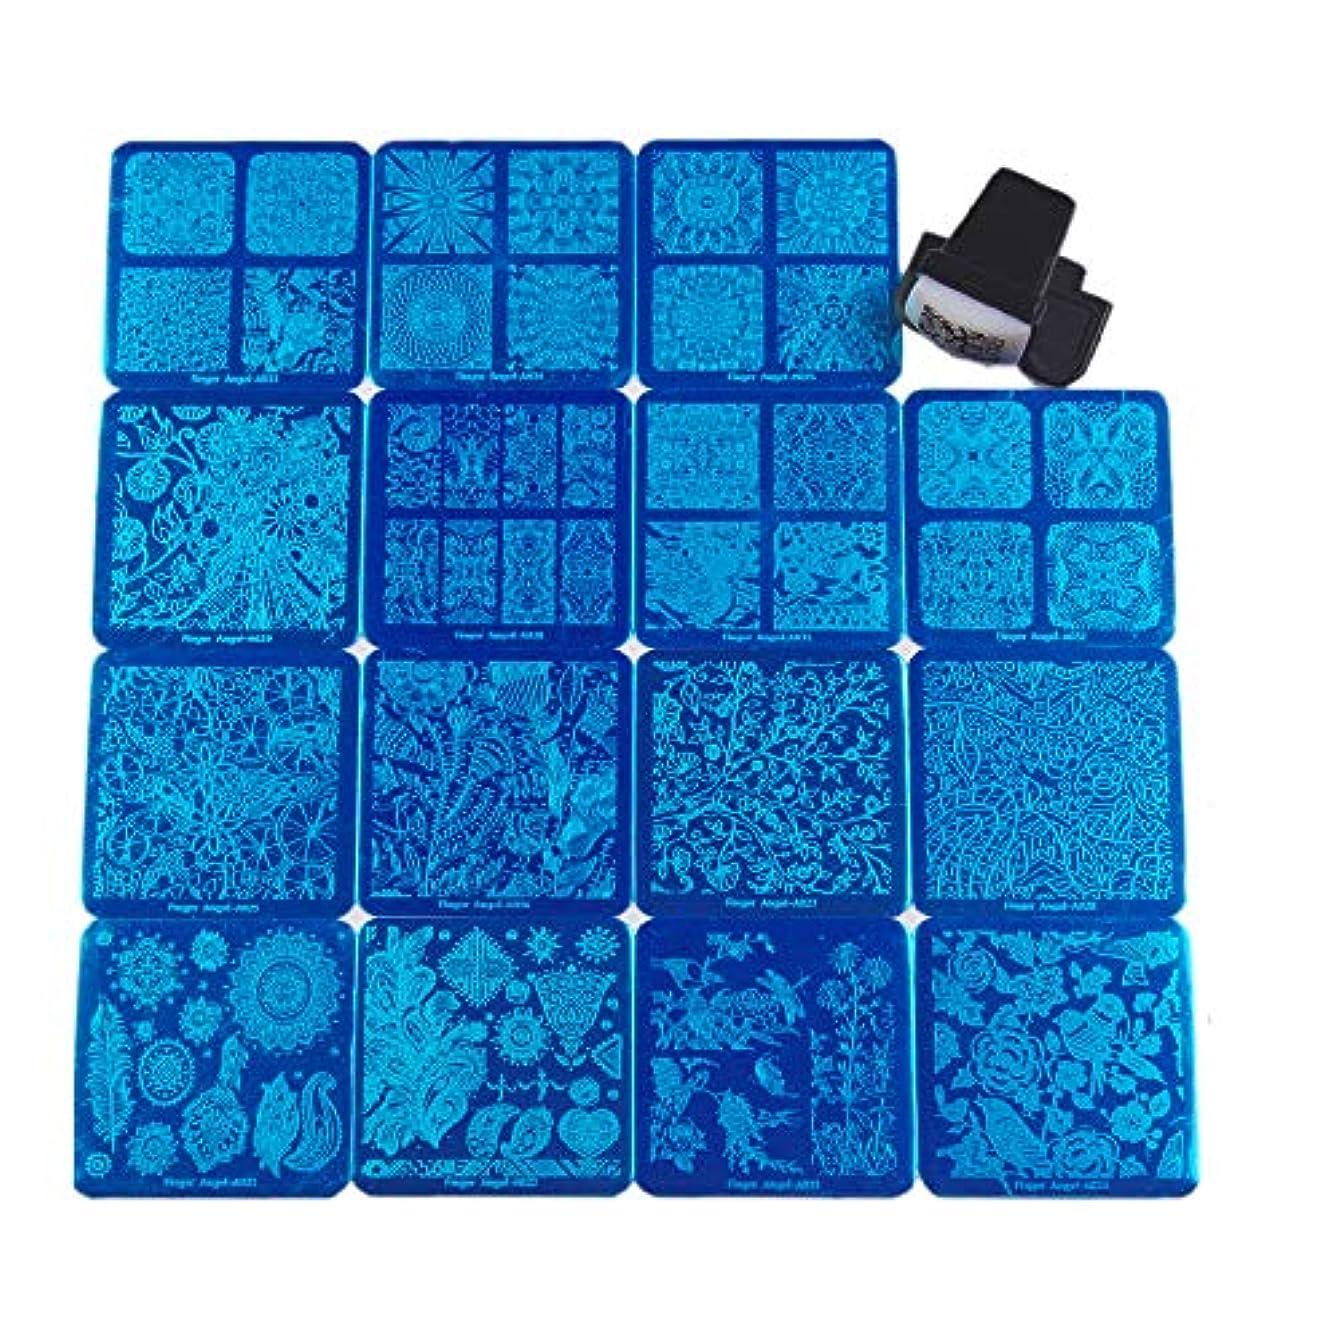 平均メトロポリタンスリッパFingerAngel ネイルイメージプレートセット ネイルプレート正方形15枚 スタンプ スクレーパー カードバッグ付き ネイルサロンも自宅も使えるネイルプレート